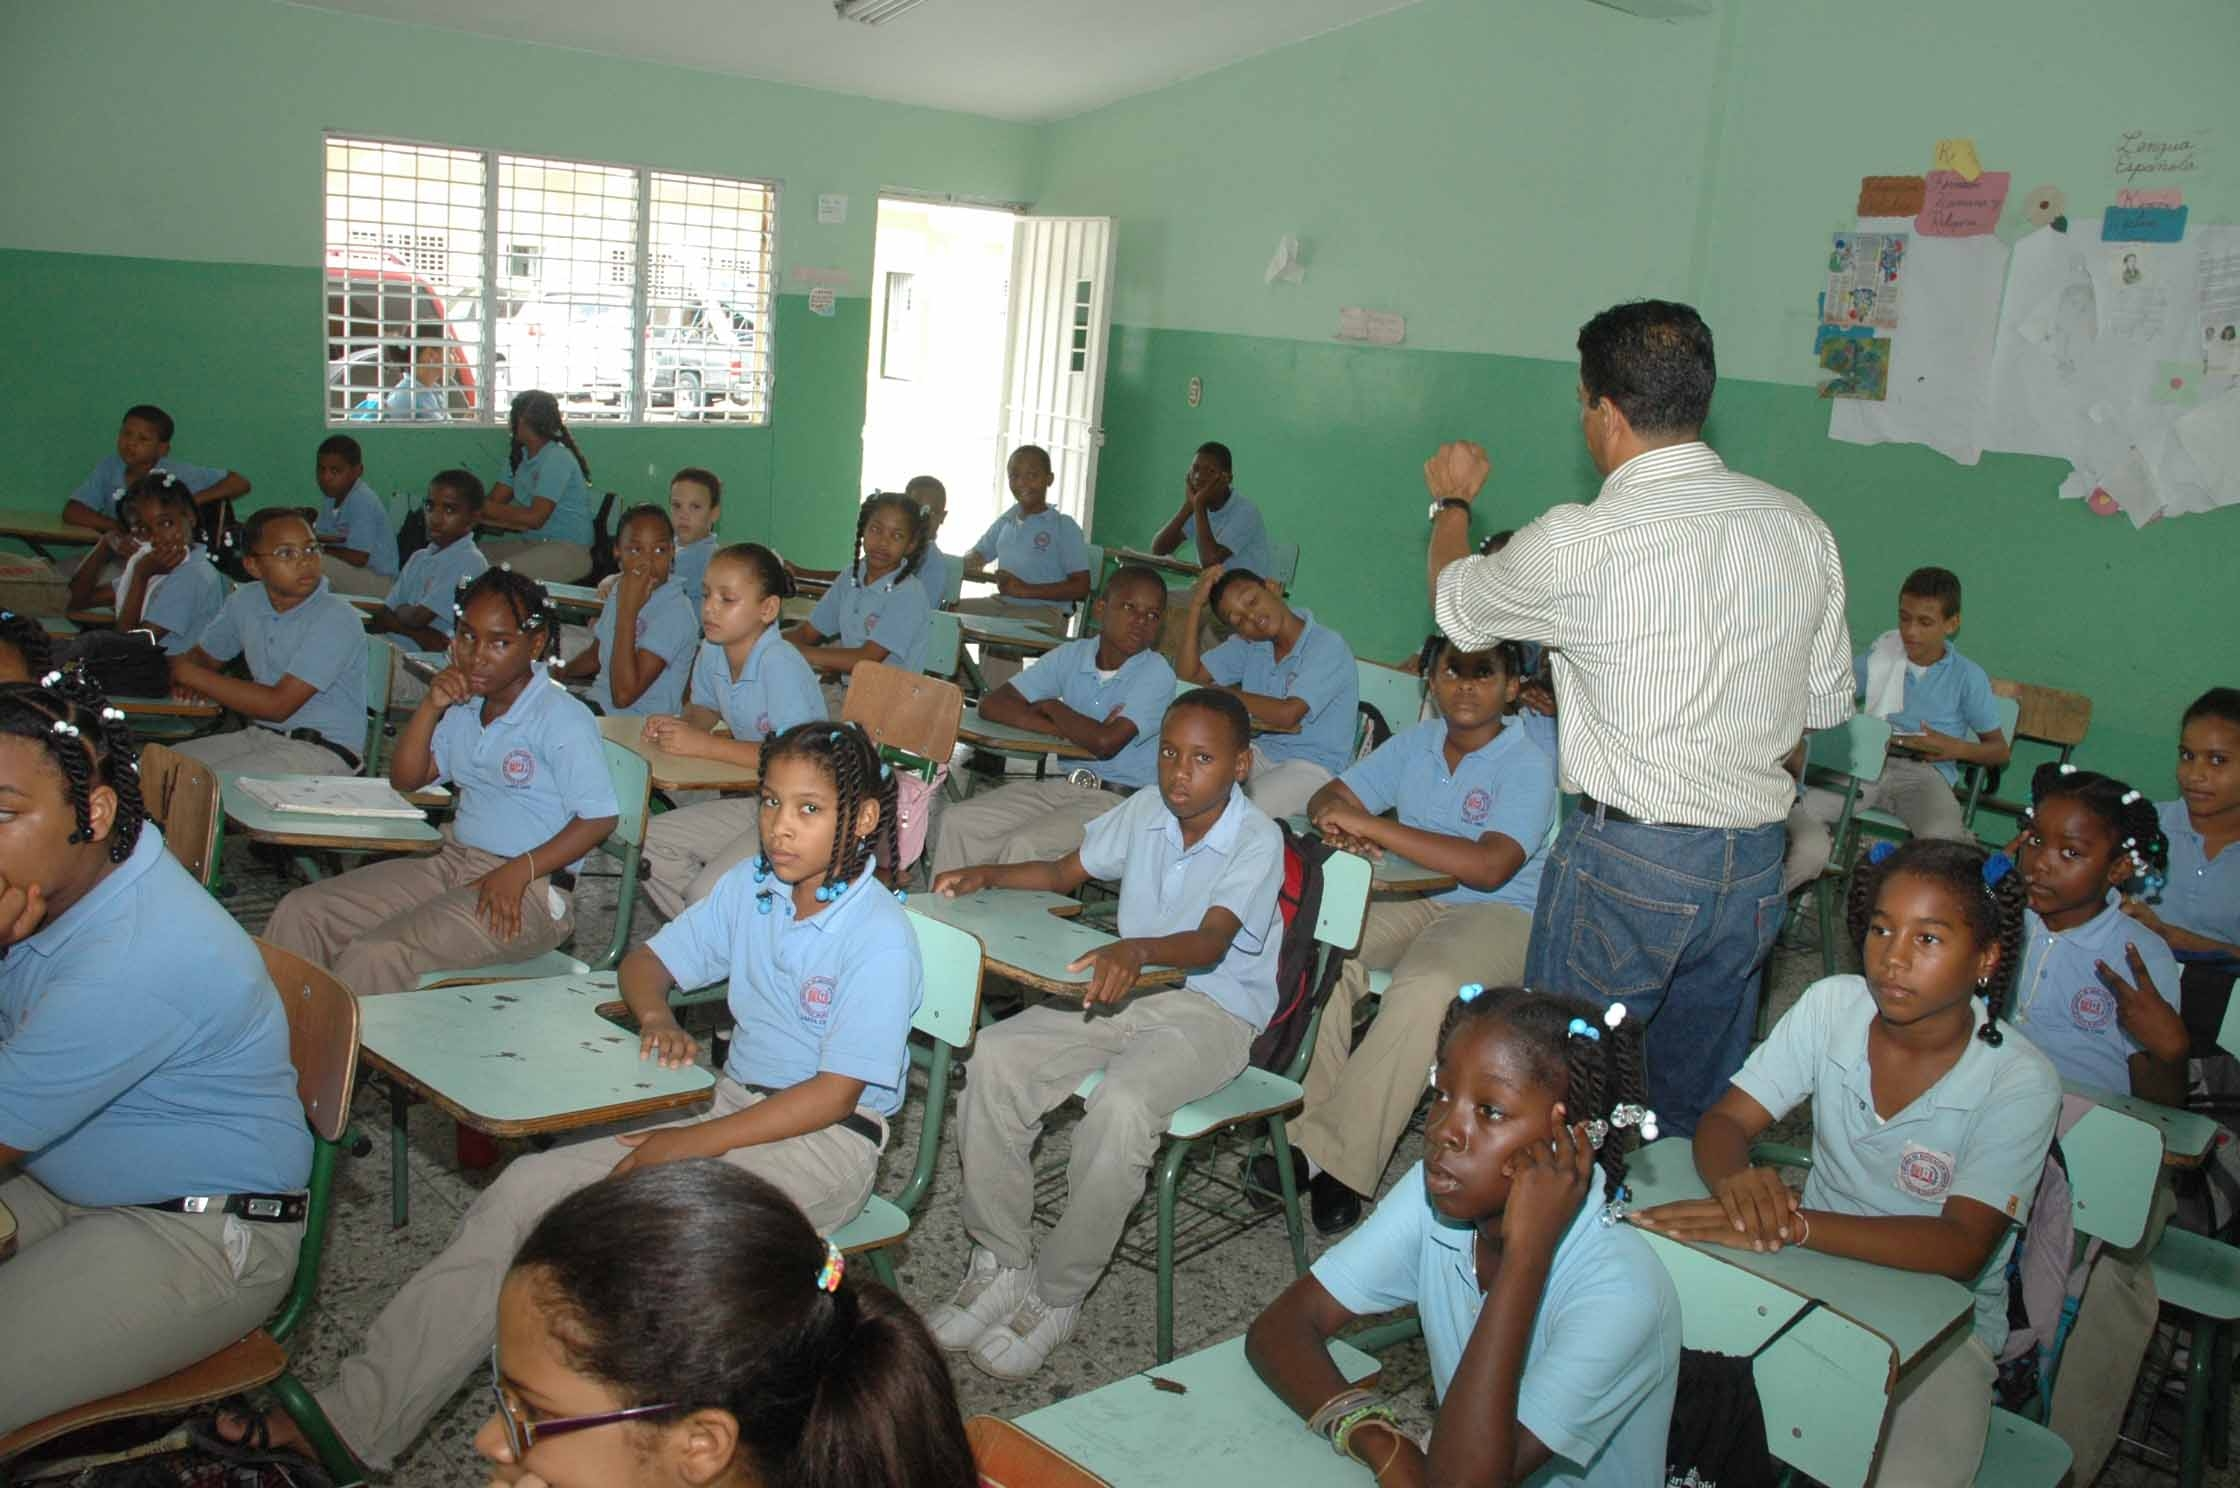 Aseguran inversiones Gobierno han mejorado calidad educación en RD